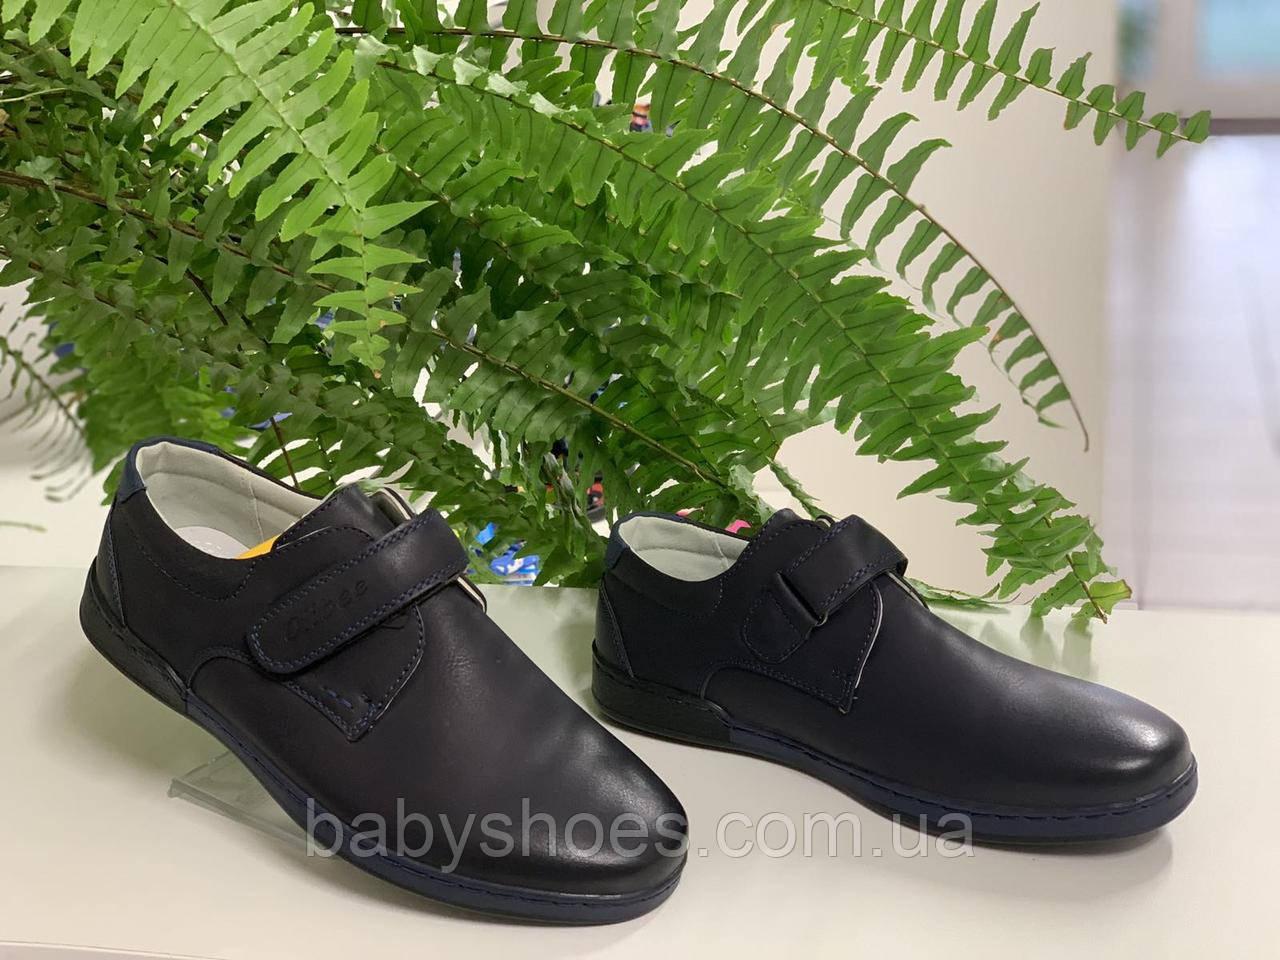 Туфли для мальчиков Clibee  р-ры: 32-37. ТМ-102-с.